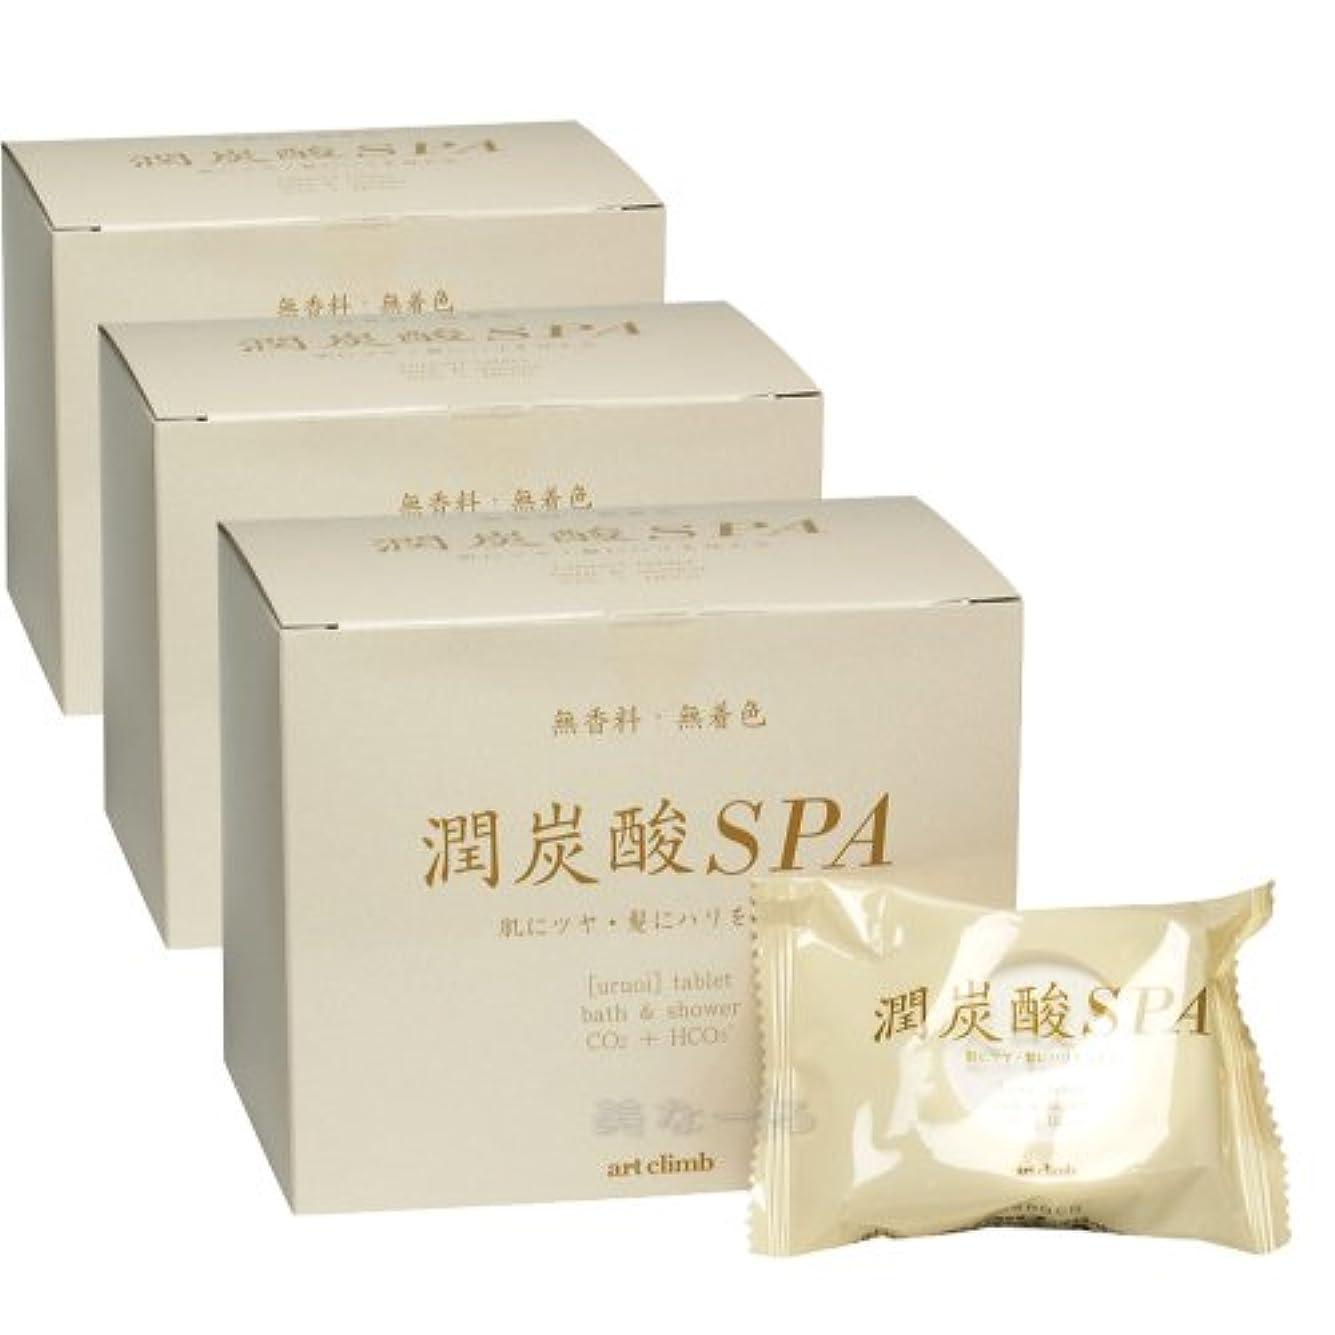 ルネッサンスアラームぴったり潤炭酸SPA(うるおい炭酸SPA) 60g×10錠入 3個セット